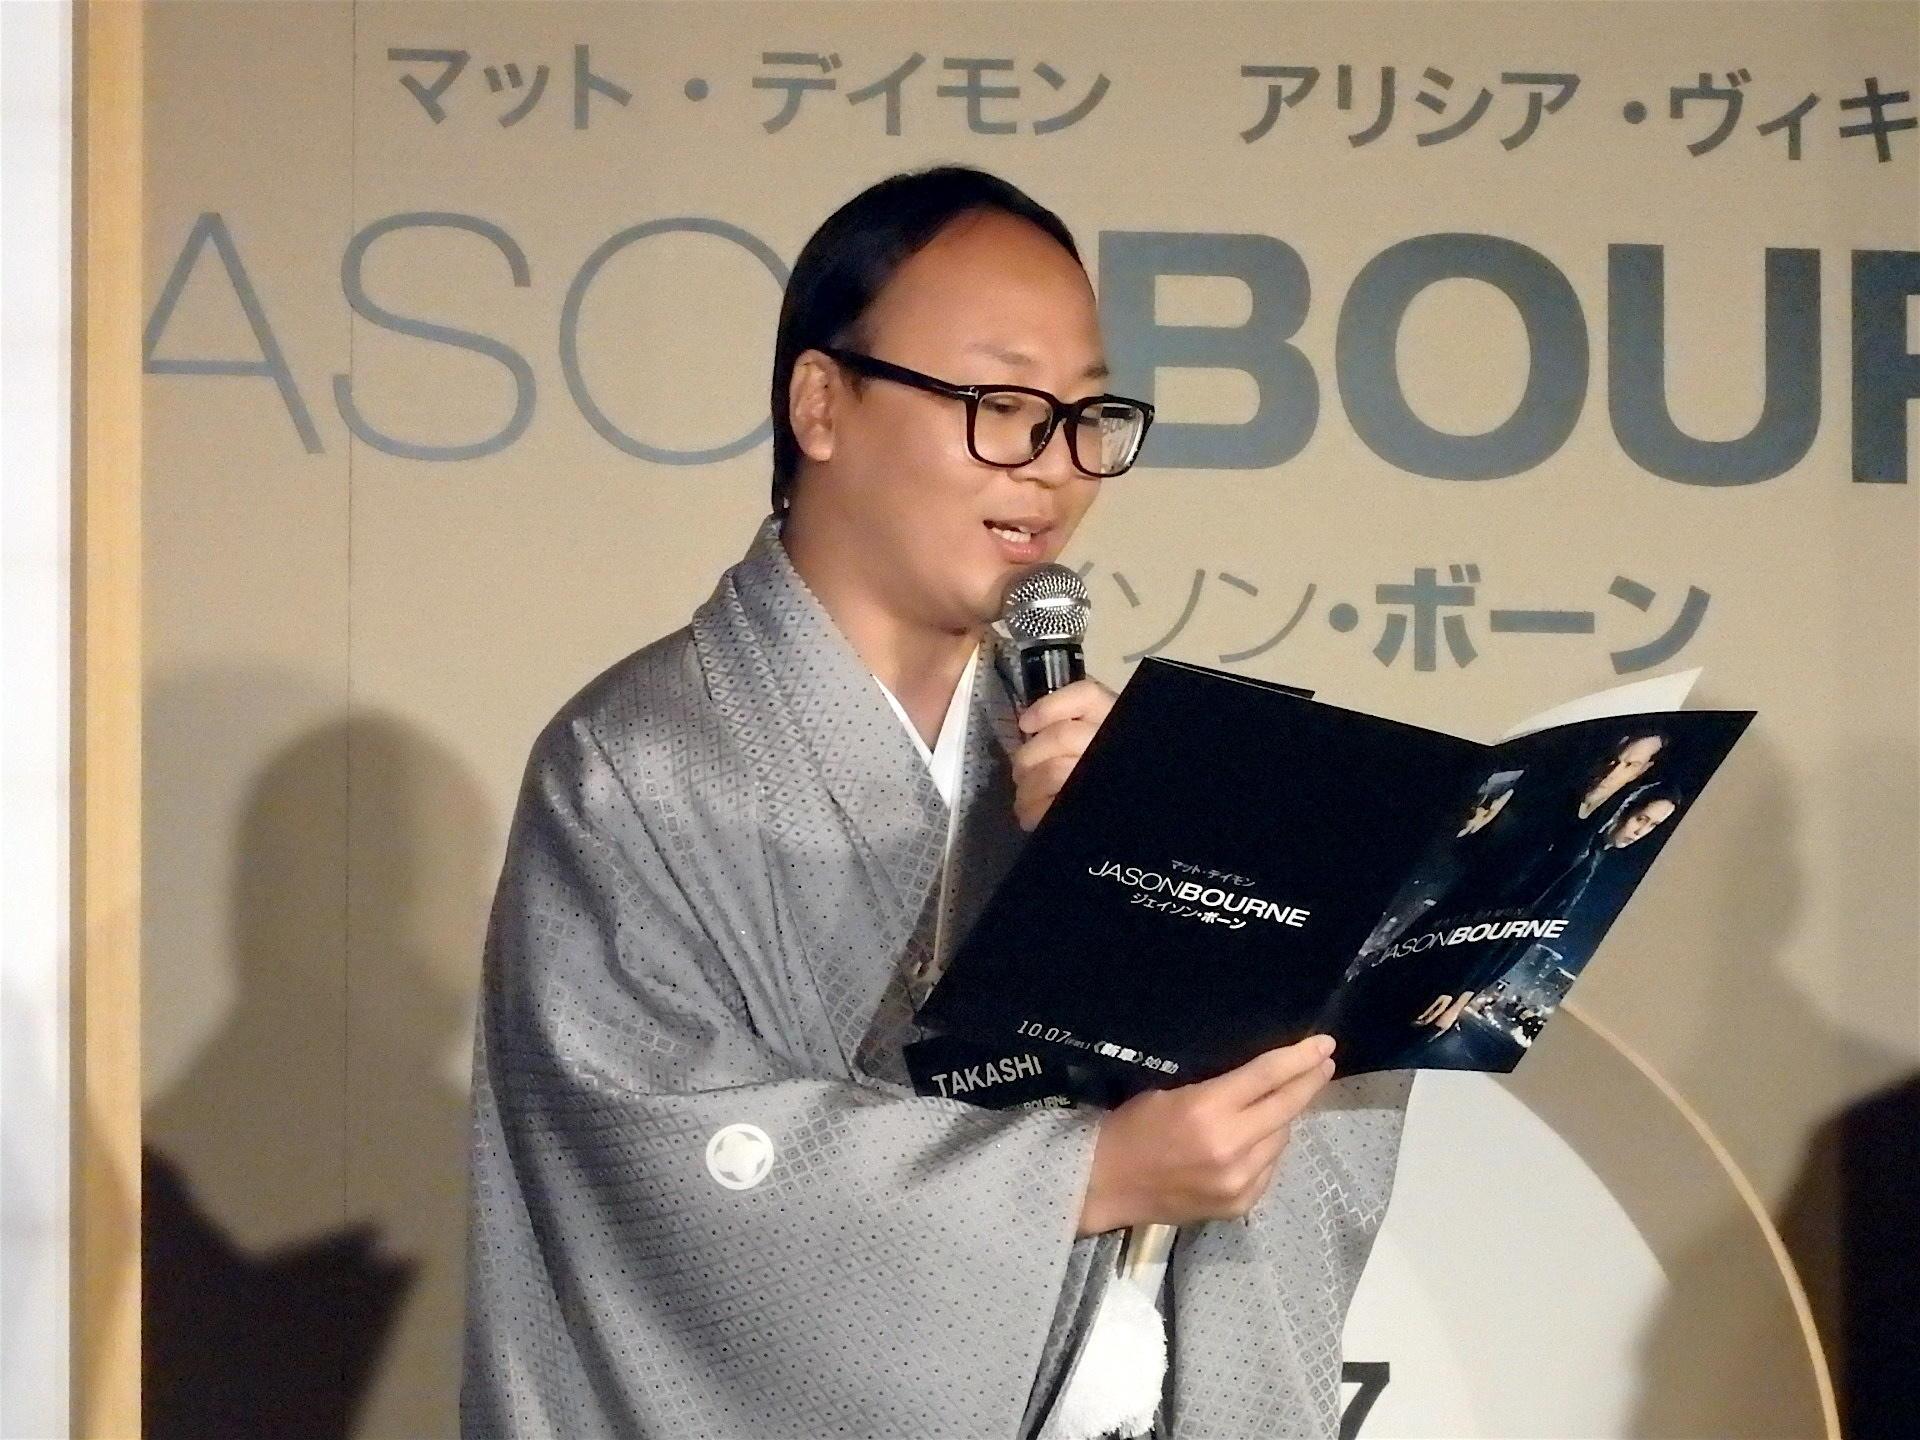 http://news.yoshimoto.co.jp/20160929230152-b204b5e532294680de080a986e3443ee9b2d44c2.jpg